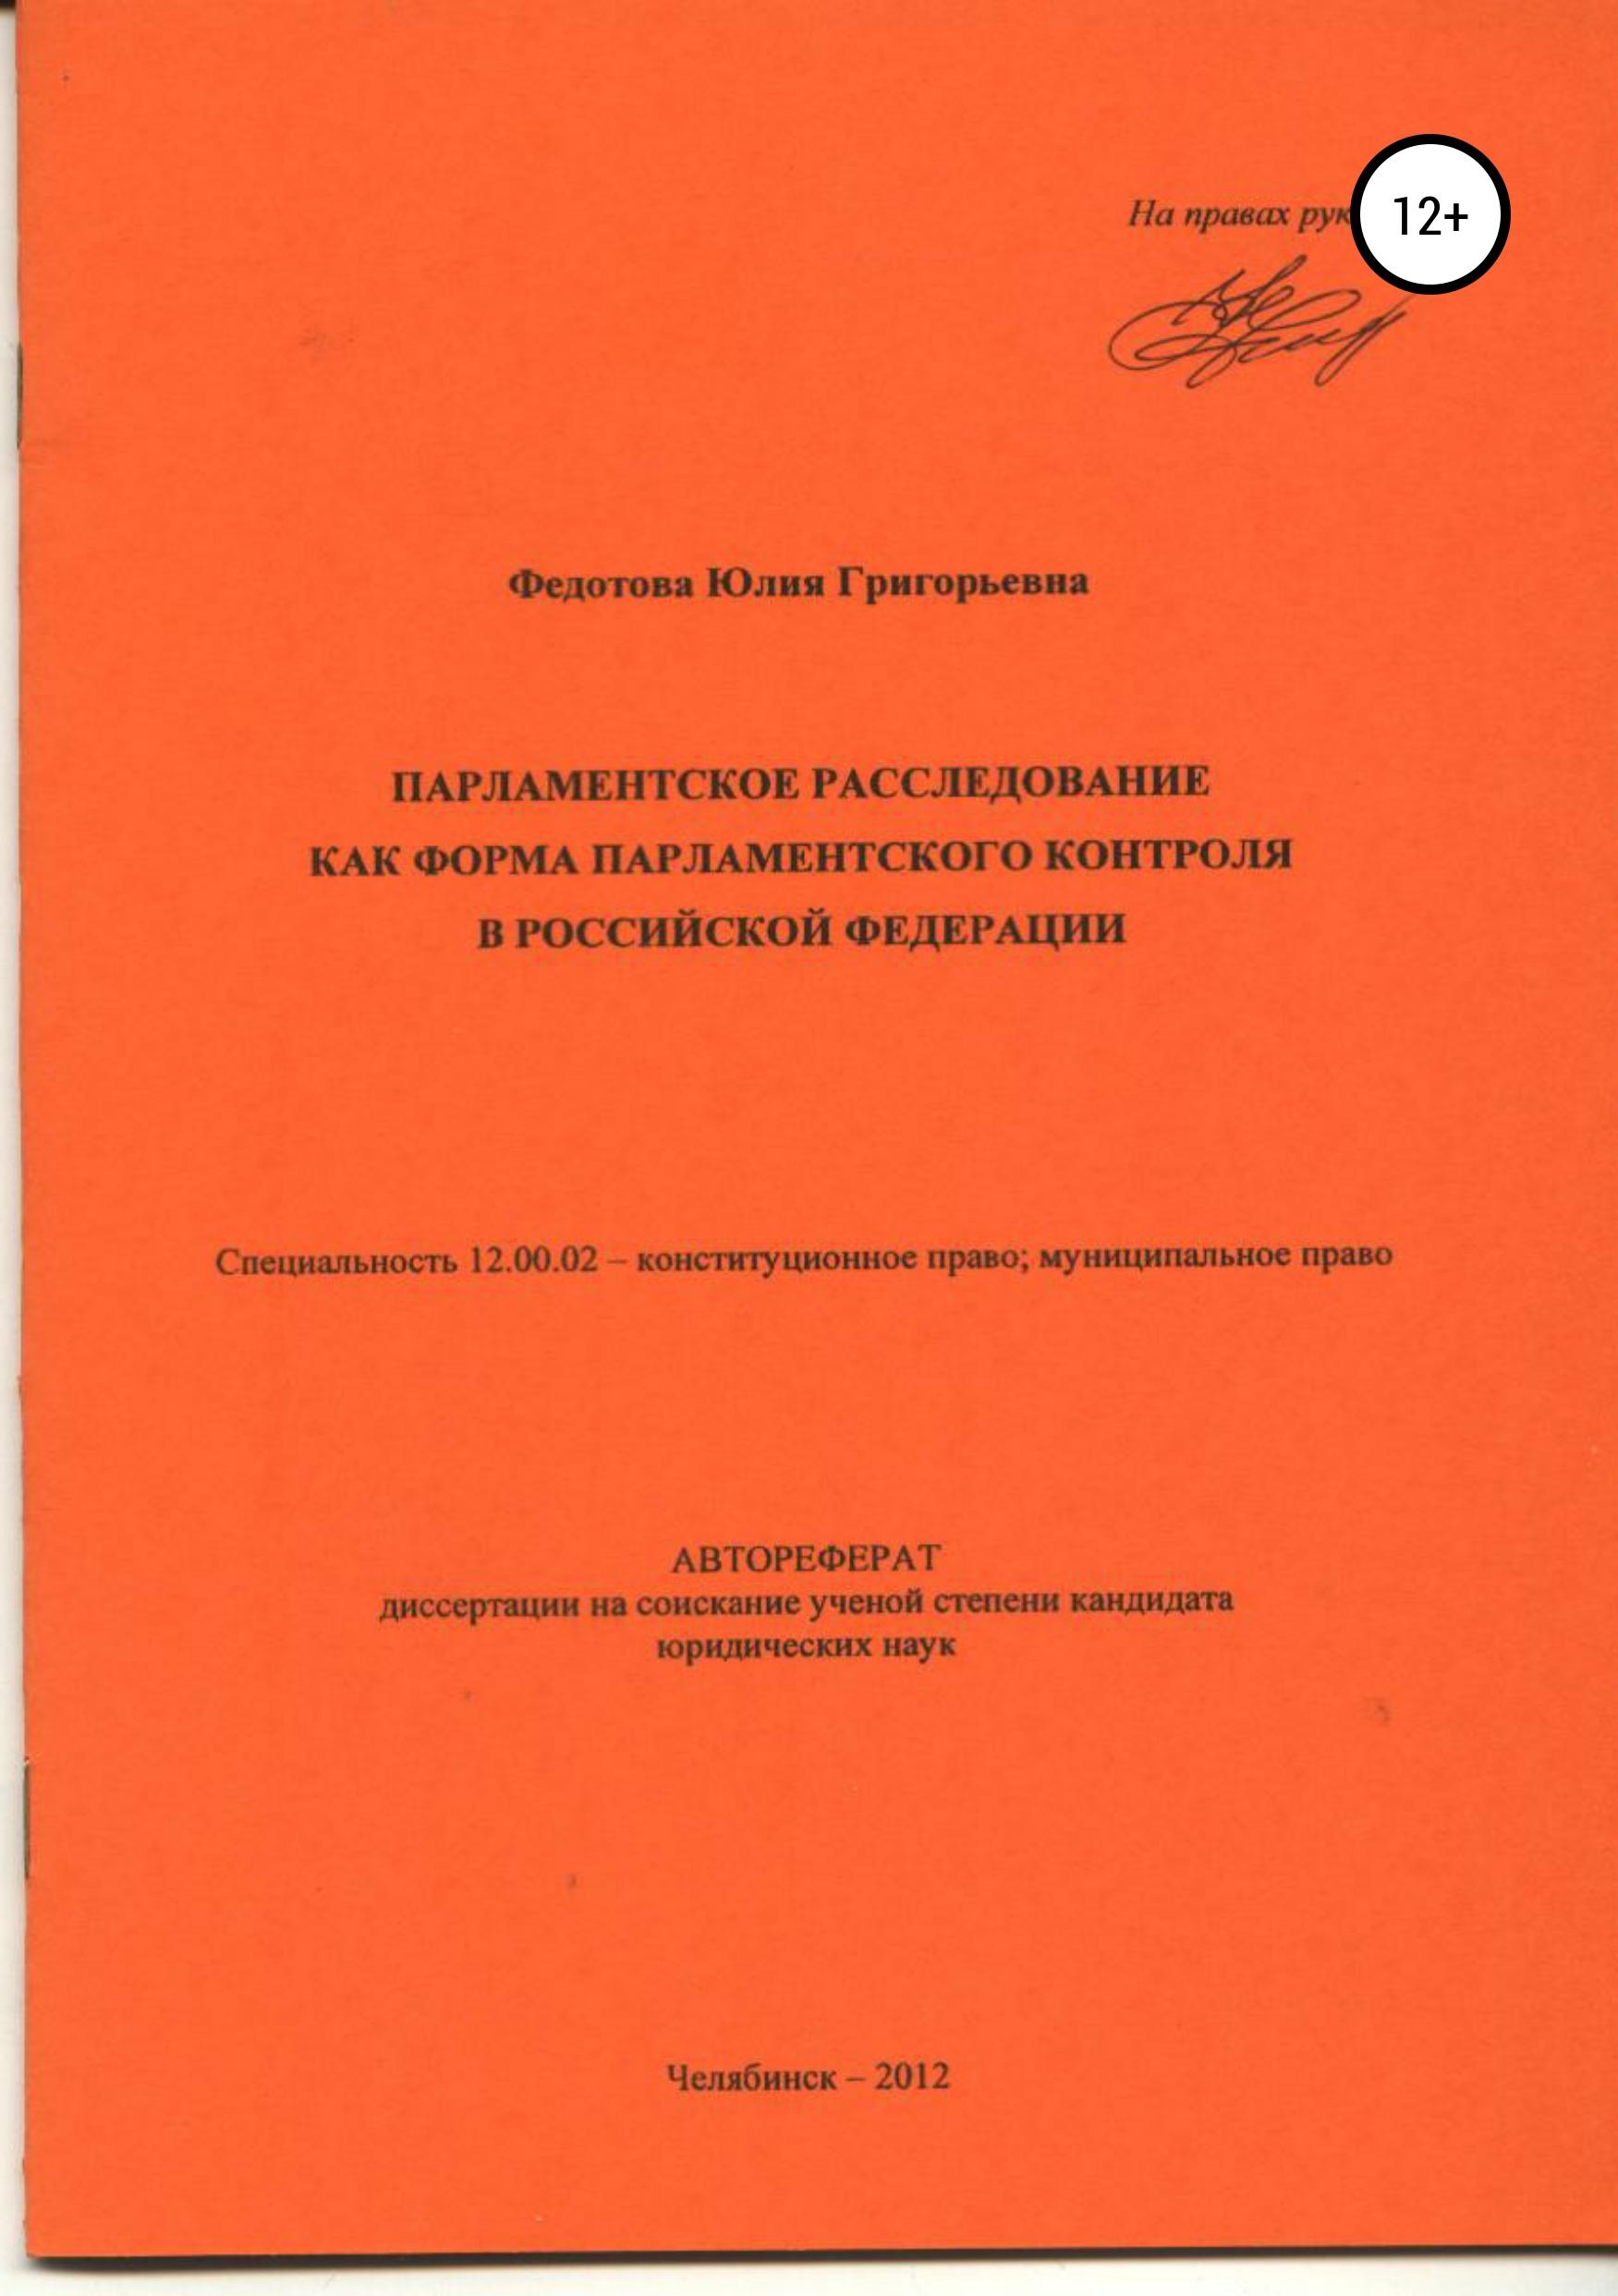 Парламентское расследование как форма парламентского контроля в Российской Федерации: автореферат диссертации